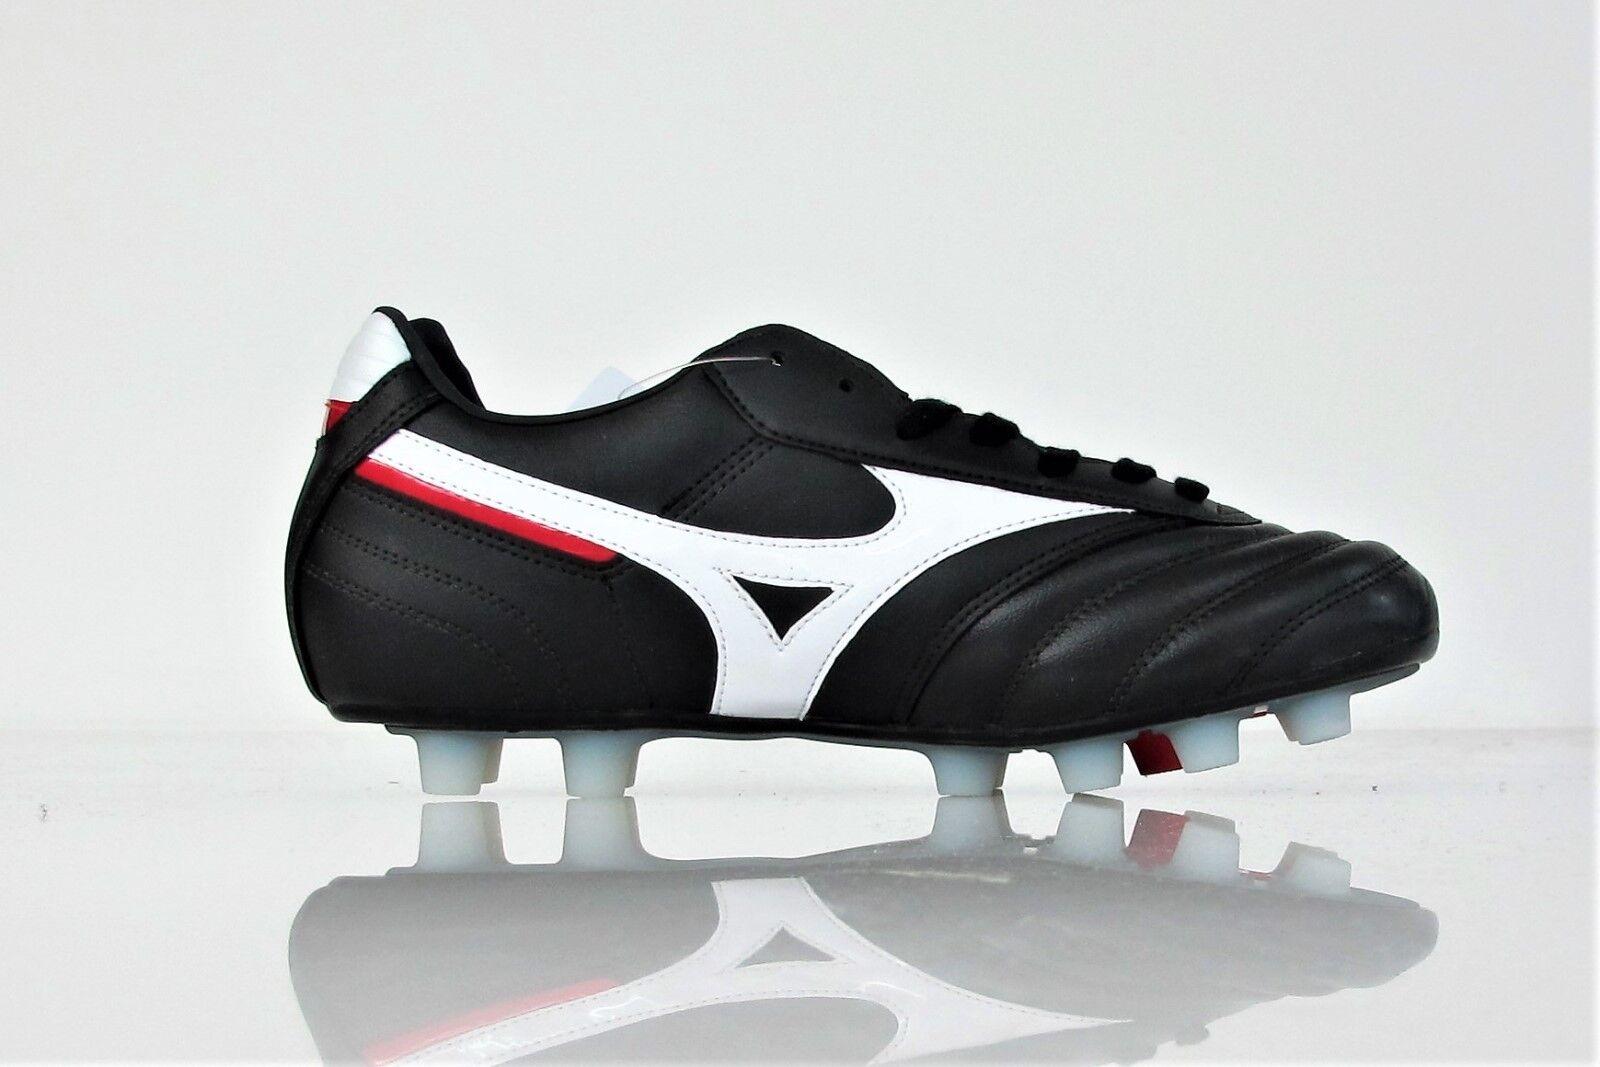 MIZUNO scarpe calcio MRL CLASSIC MD 12KP97401 color NERO/BIANCO NERO/BIANCO NERO/BIANCO 3f2f60